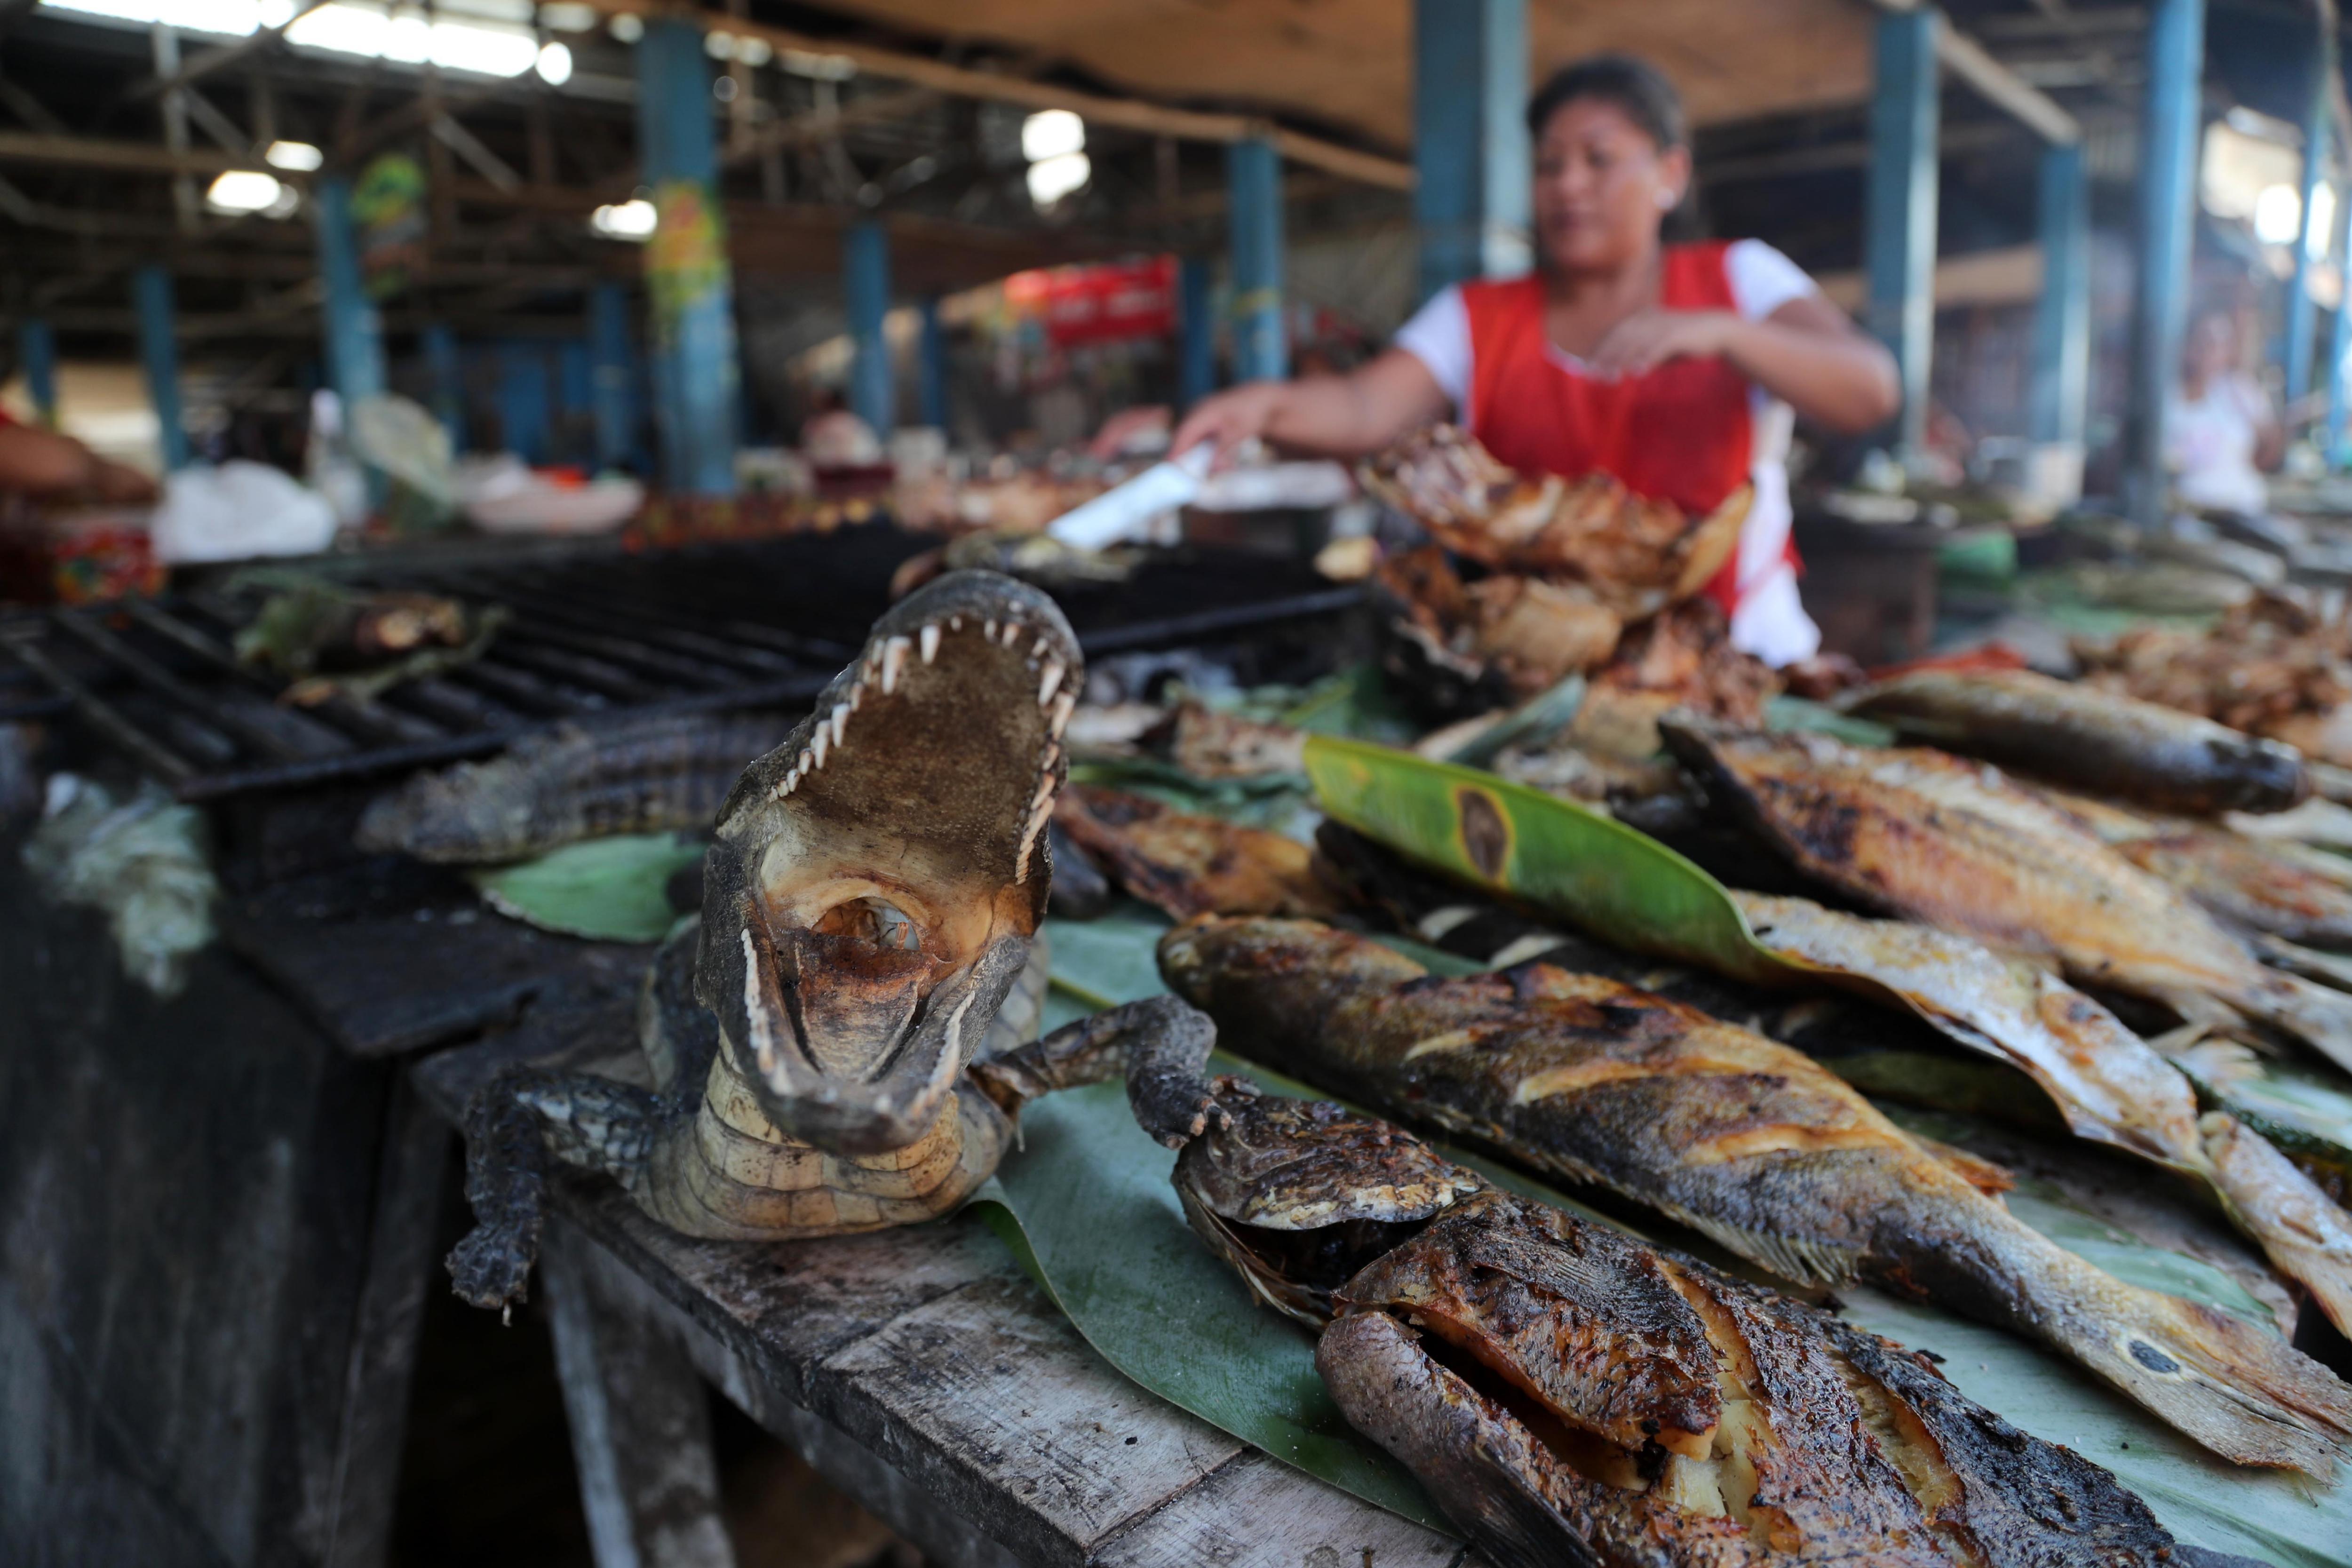 Un venedor ofereix carn de llangardaix en un mercat de Perú. /ERNESTO ARIAS